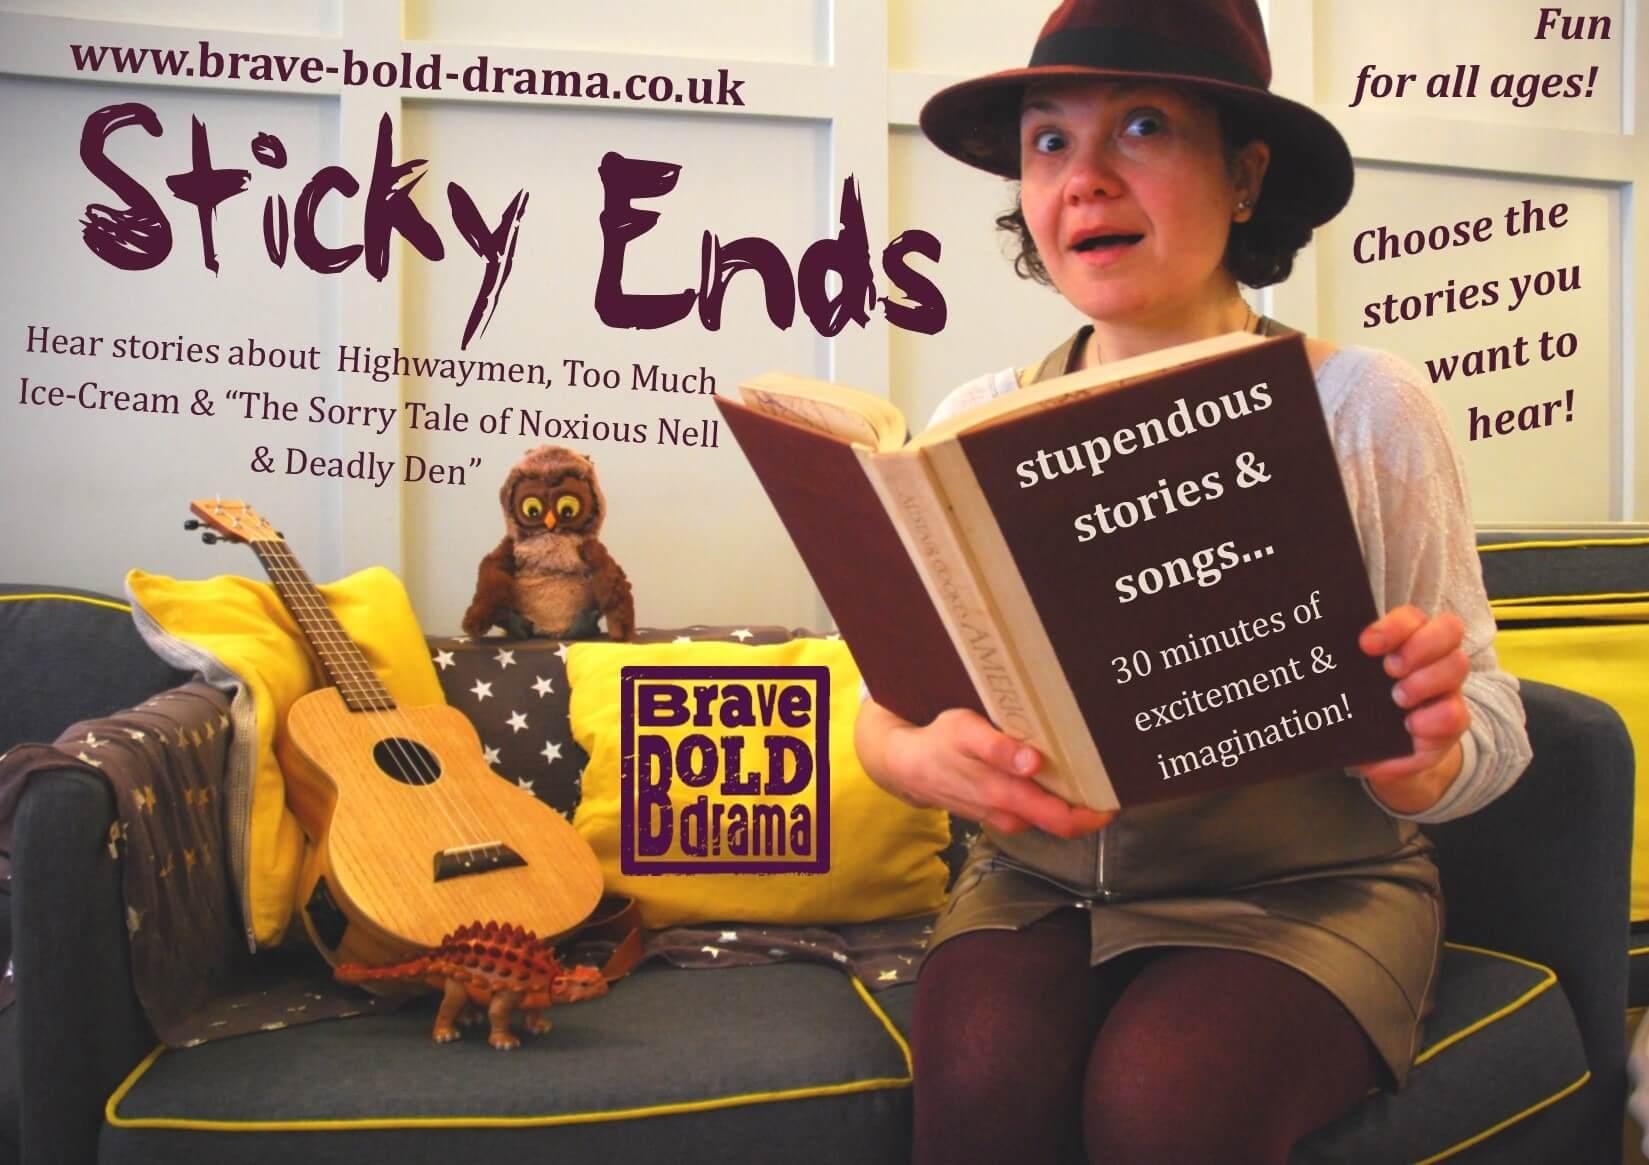 Brave Bold Drama Sticky Ends